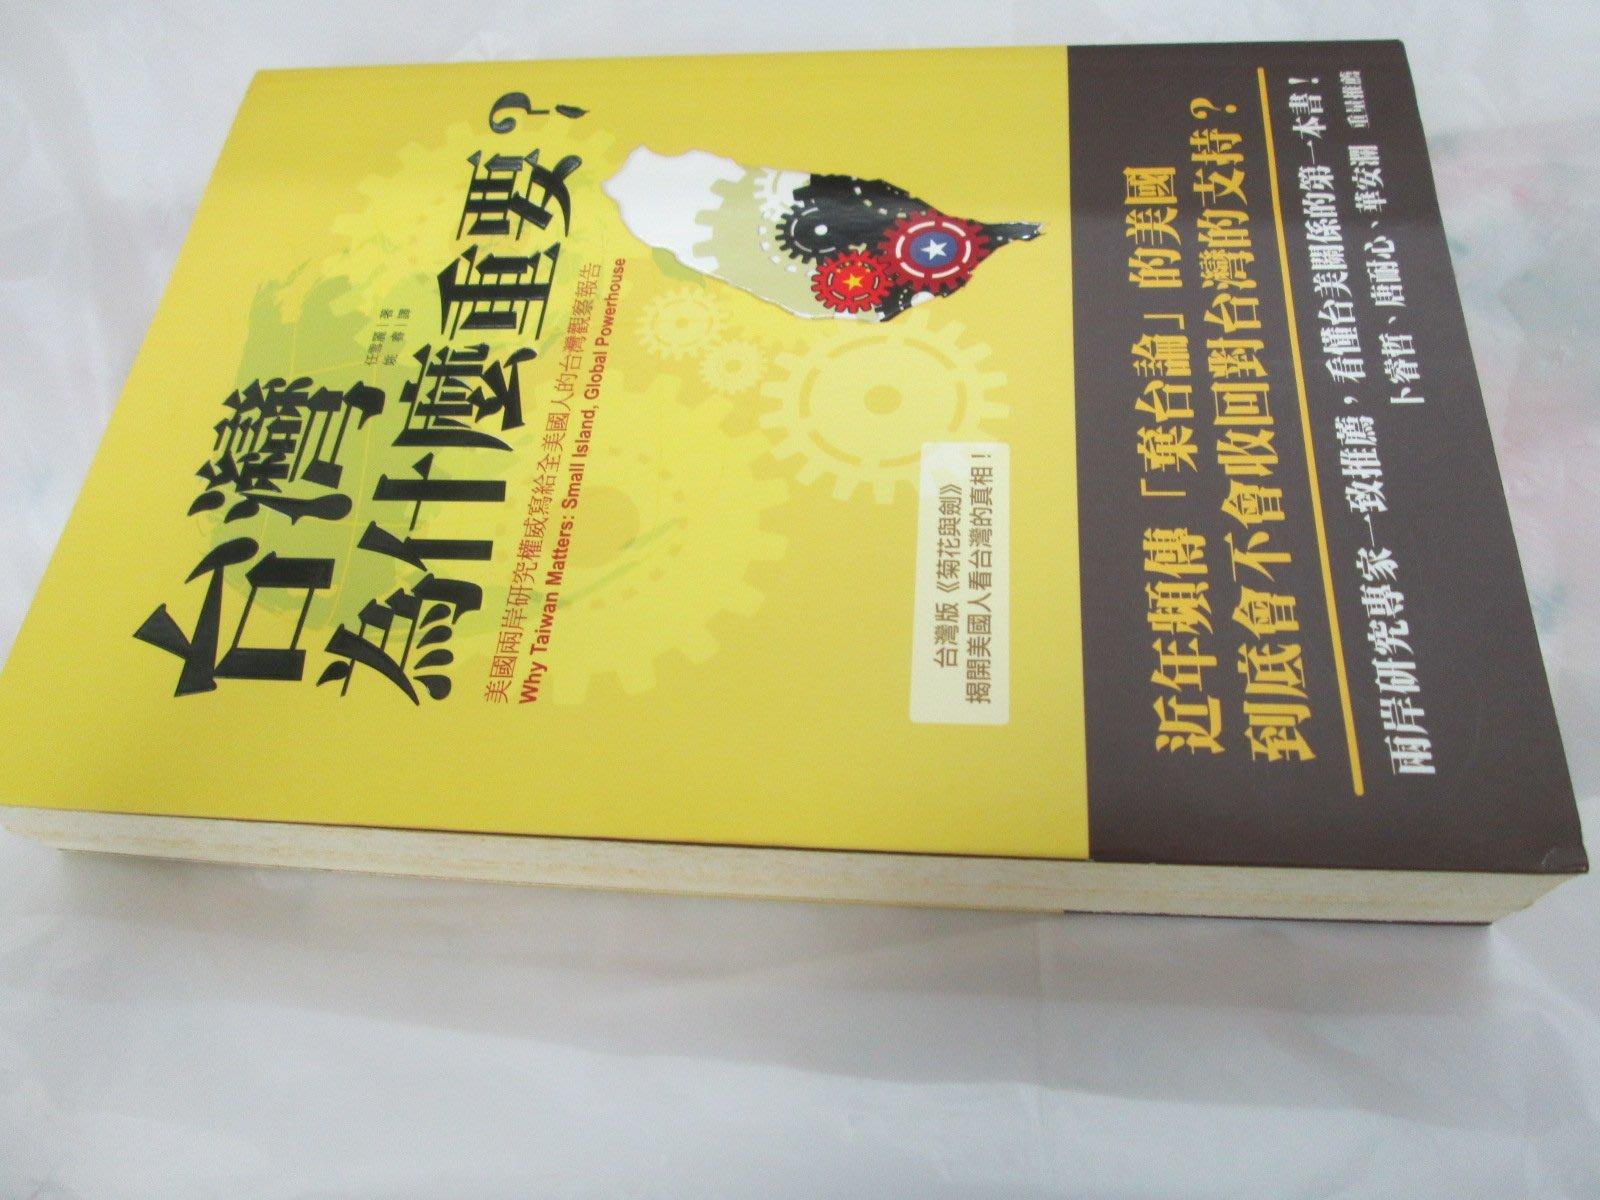 【NOV17】《台灣為什麼重要?美國兩岸研究權威寫給全美國人的台灣觀察報告書》│貓頭鷹出版